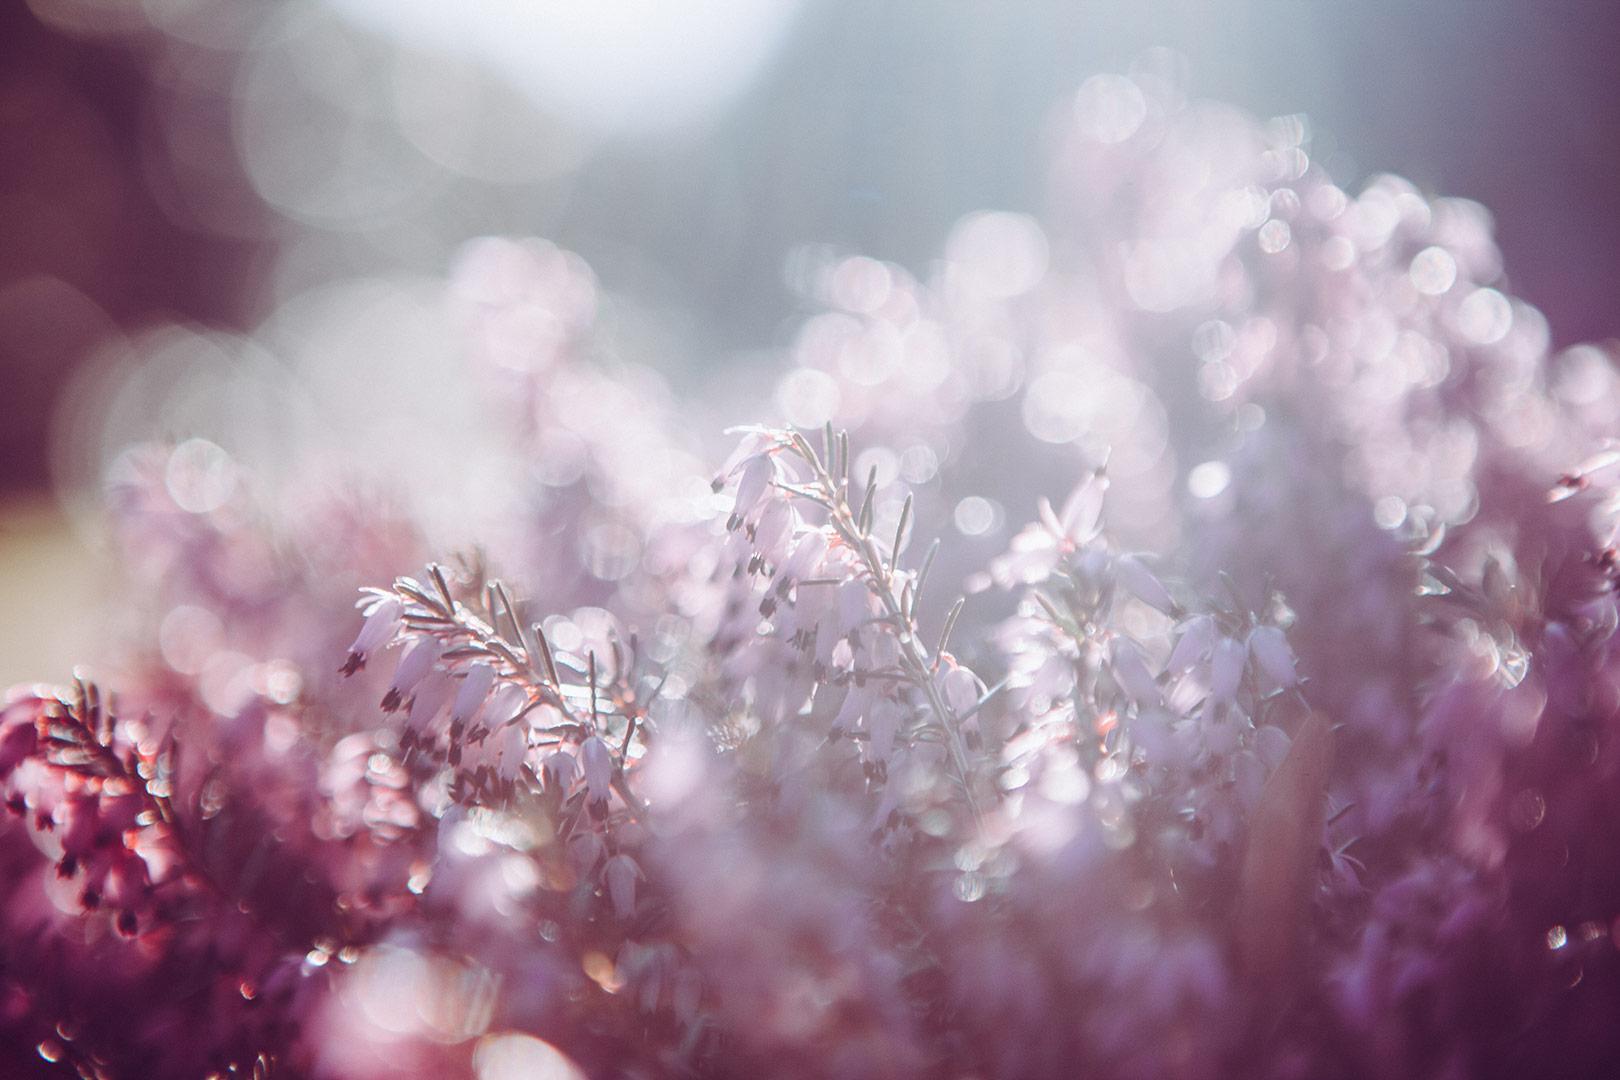 image-of-purple-flowers